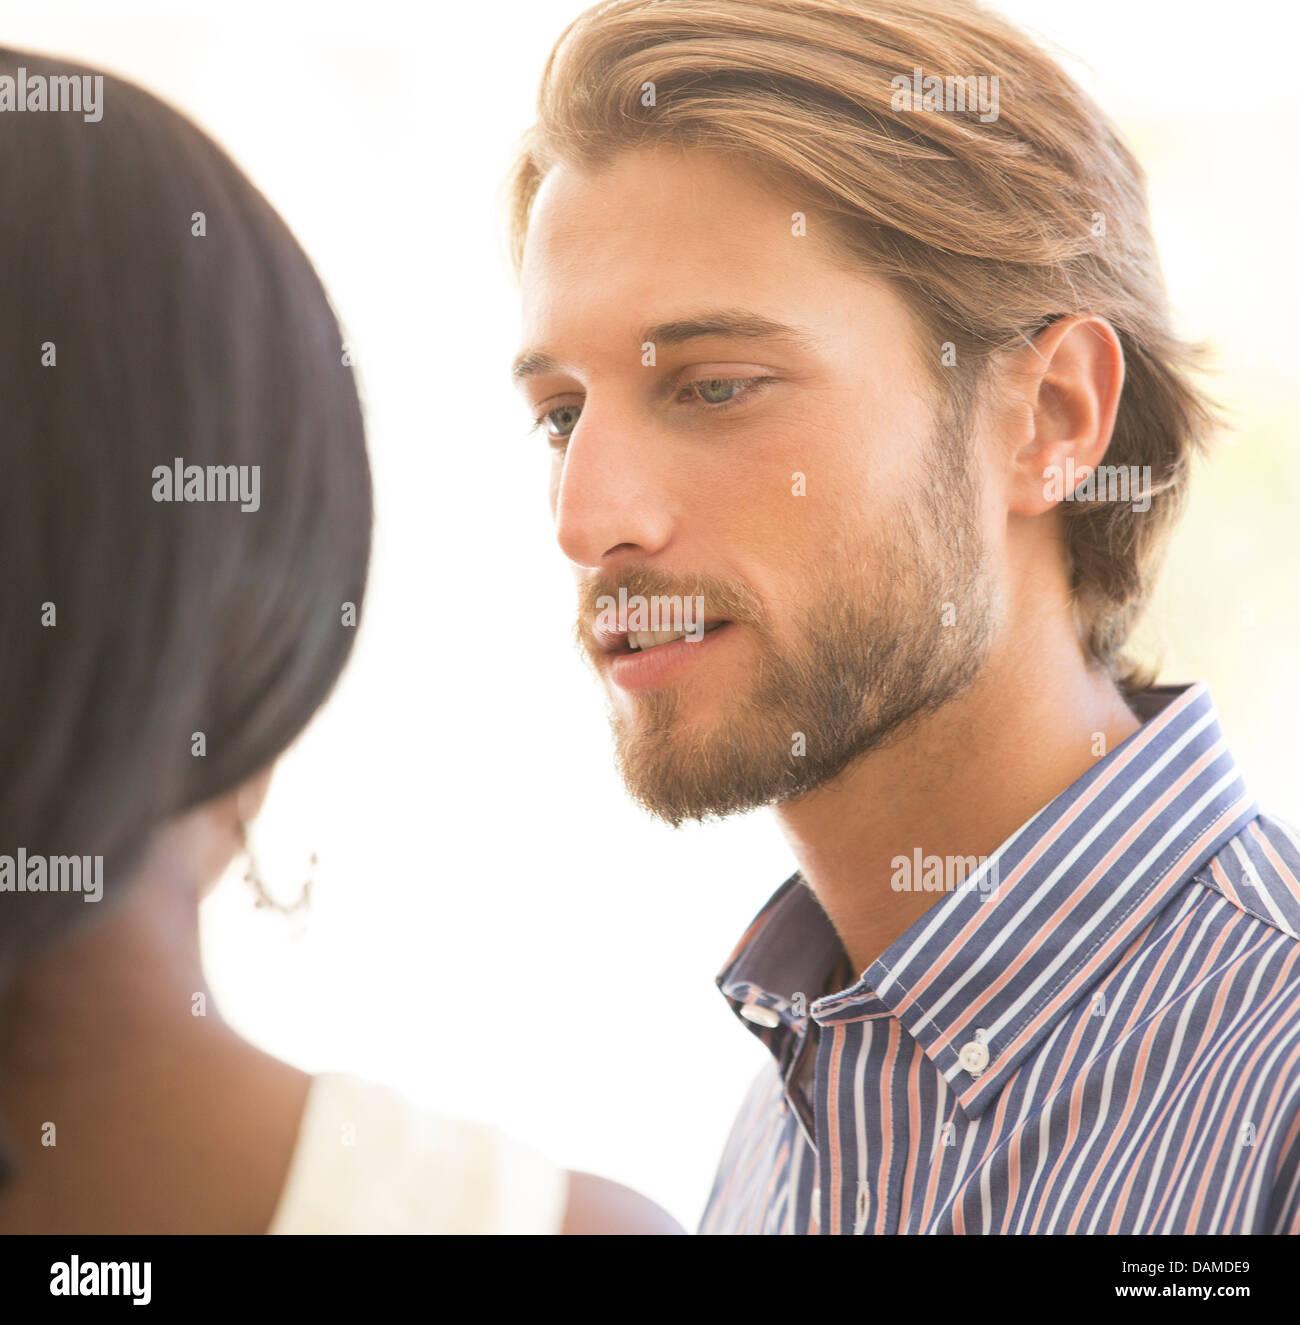 Man talking to girlfriend - Stock Image